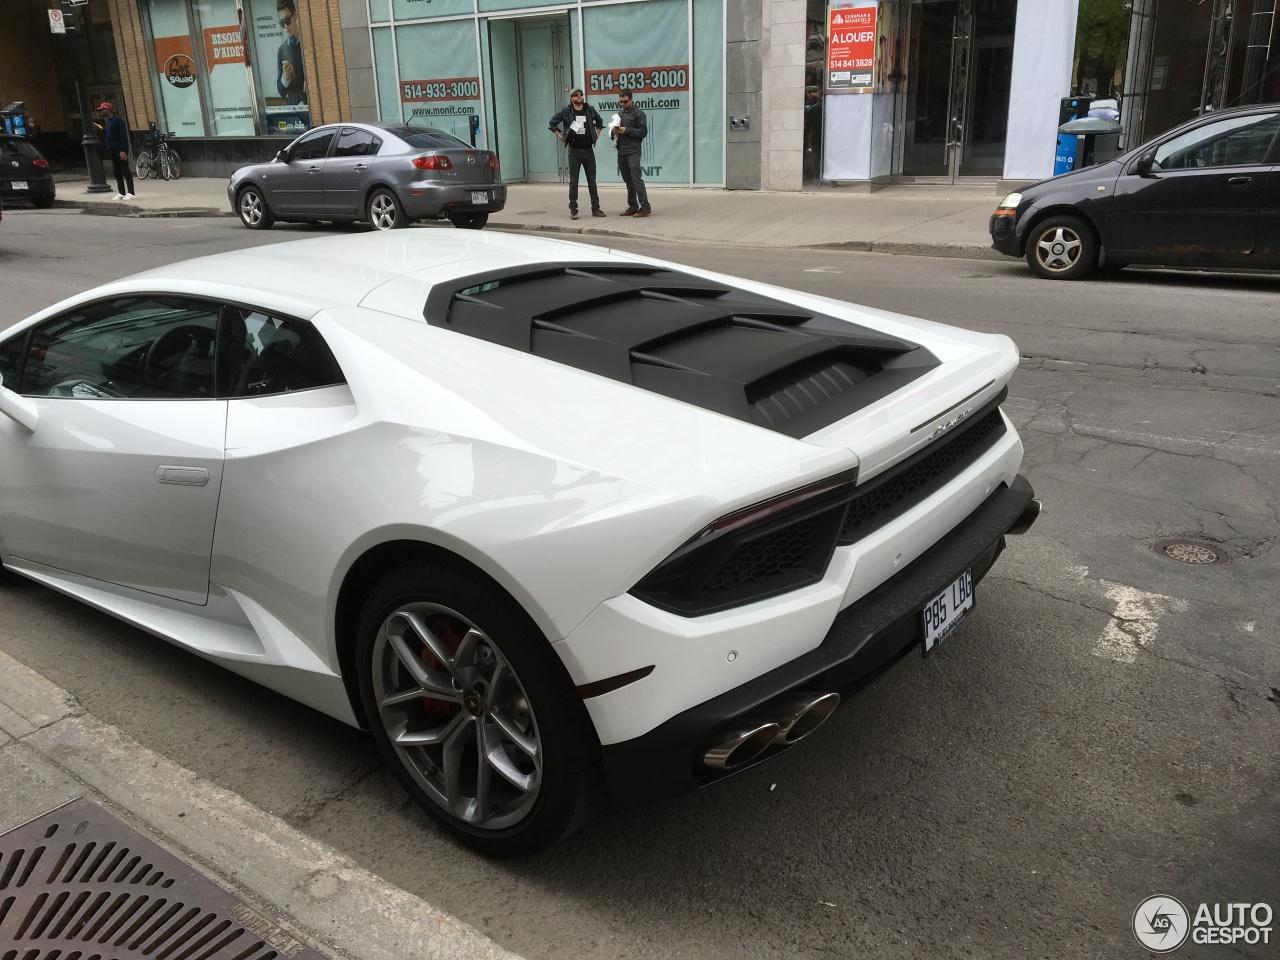 Lamborghini Huracan Price In Canada Outstanding Lamborghini Huracan Lp 580 2 Price Canada